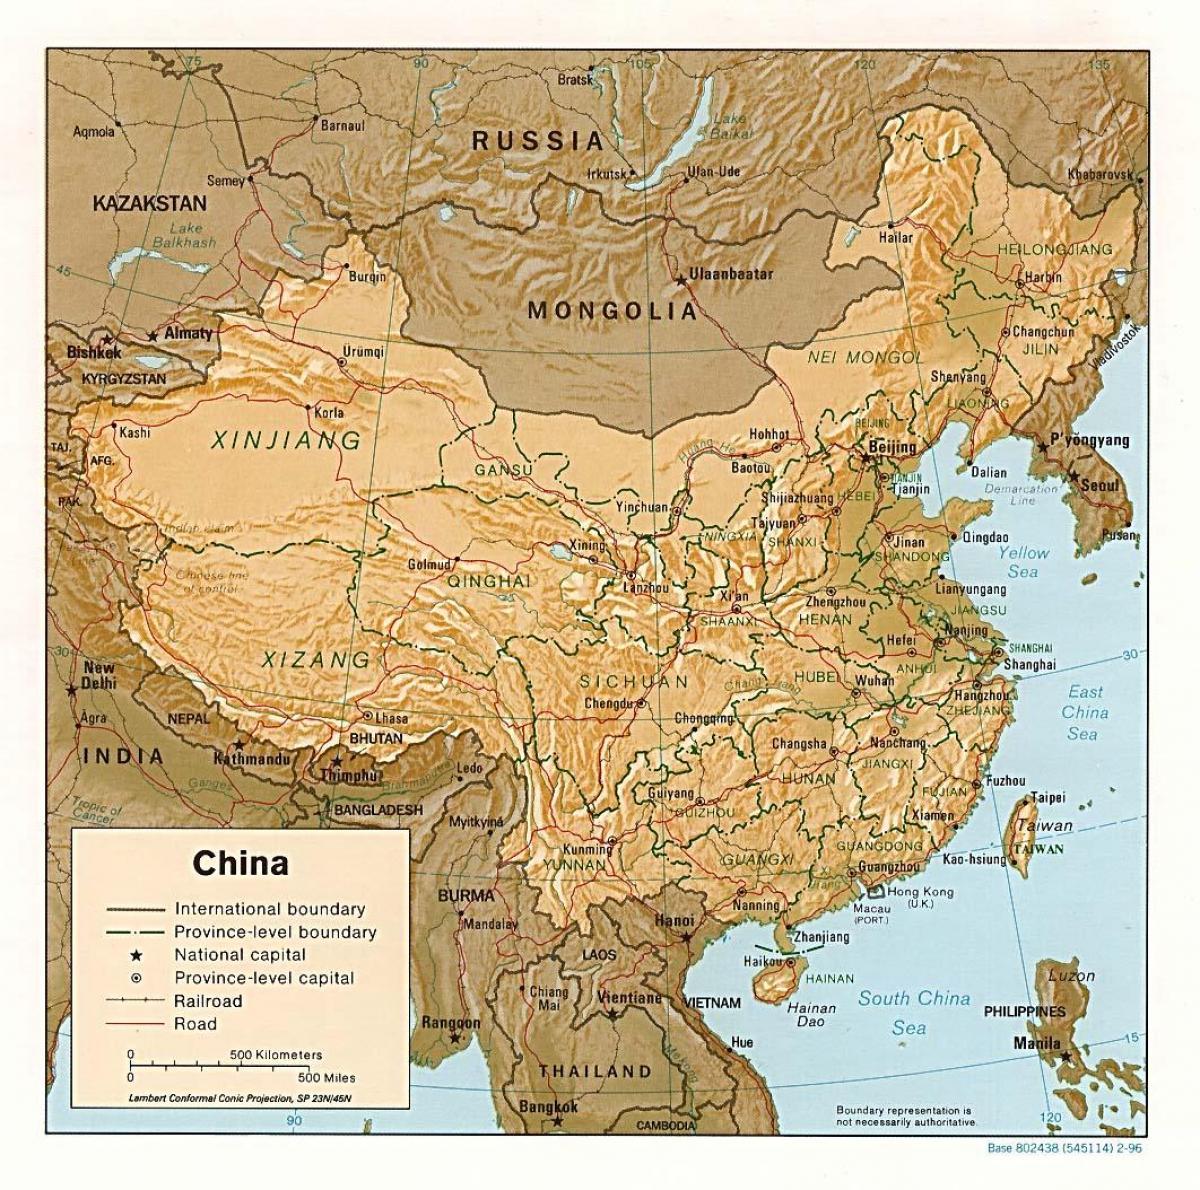 Cartina Geografica Della Cina.Mappa Geografica Della Cina Mappa Geografica Della Cina Asia Orientale Asia